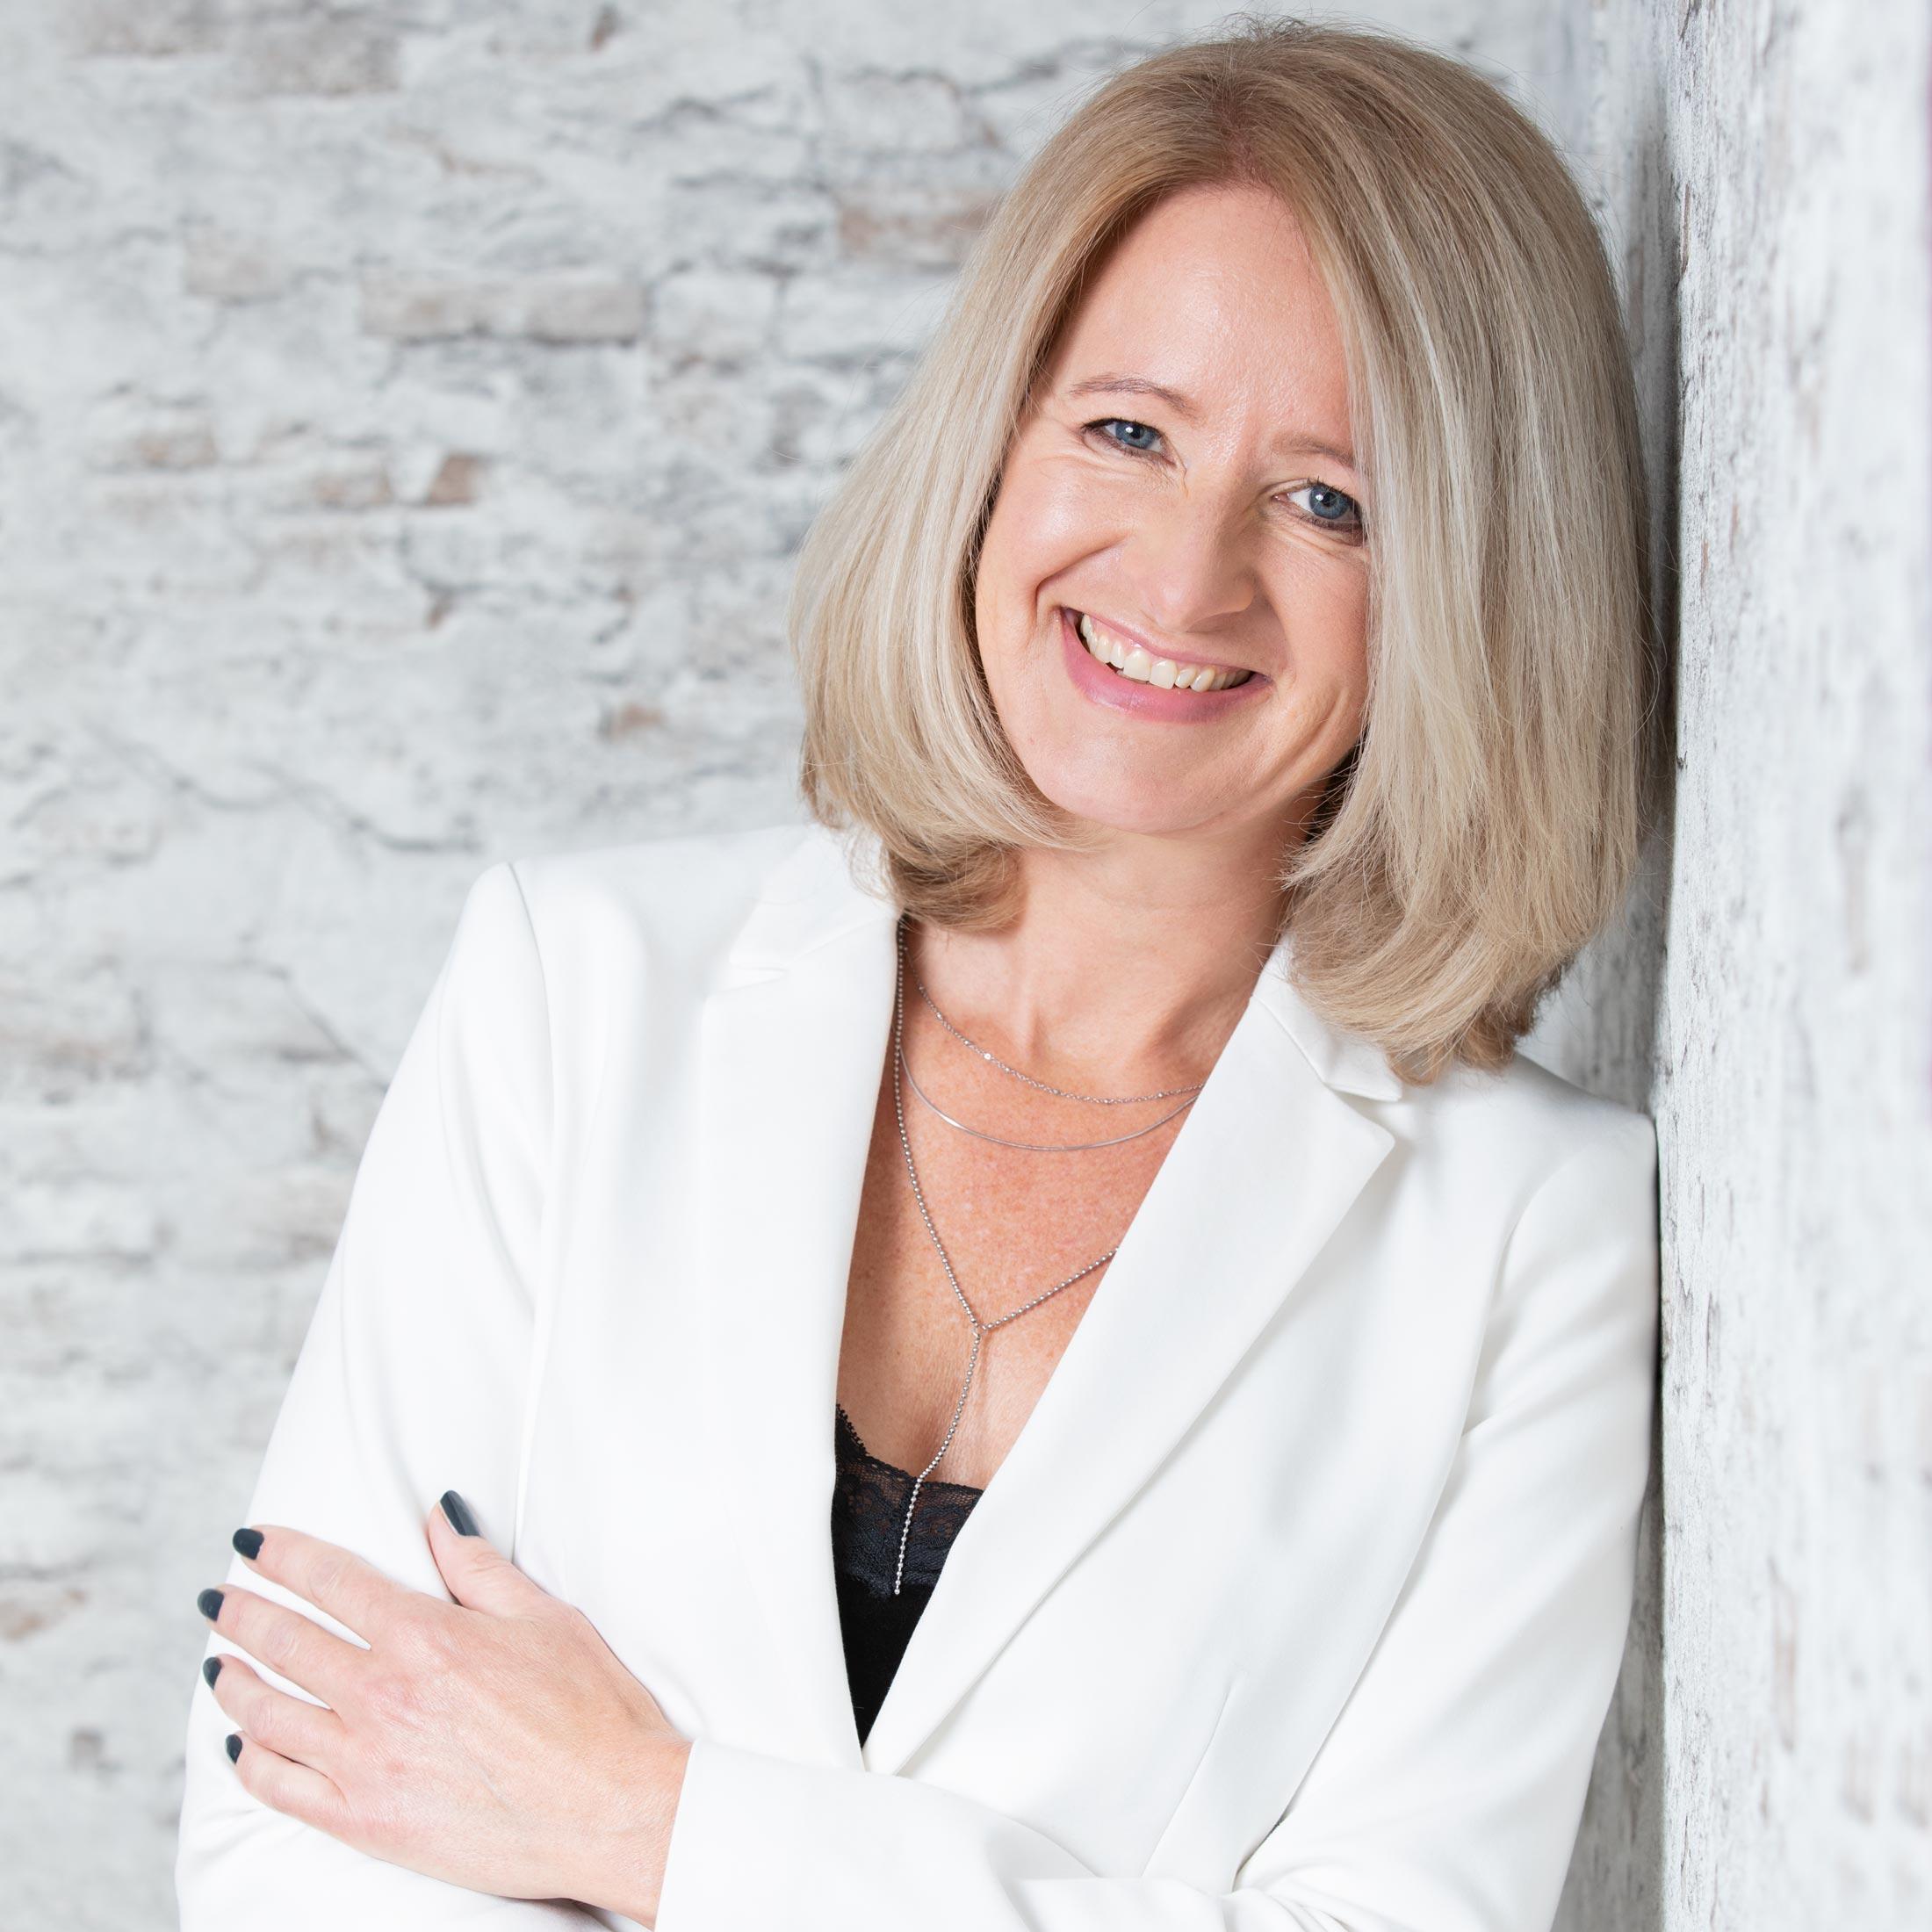 LinkedIn portret van een zakenvrouw